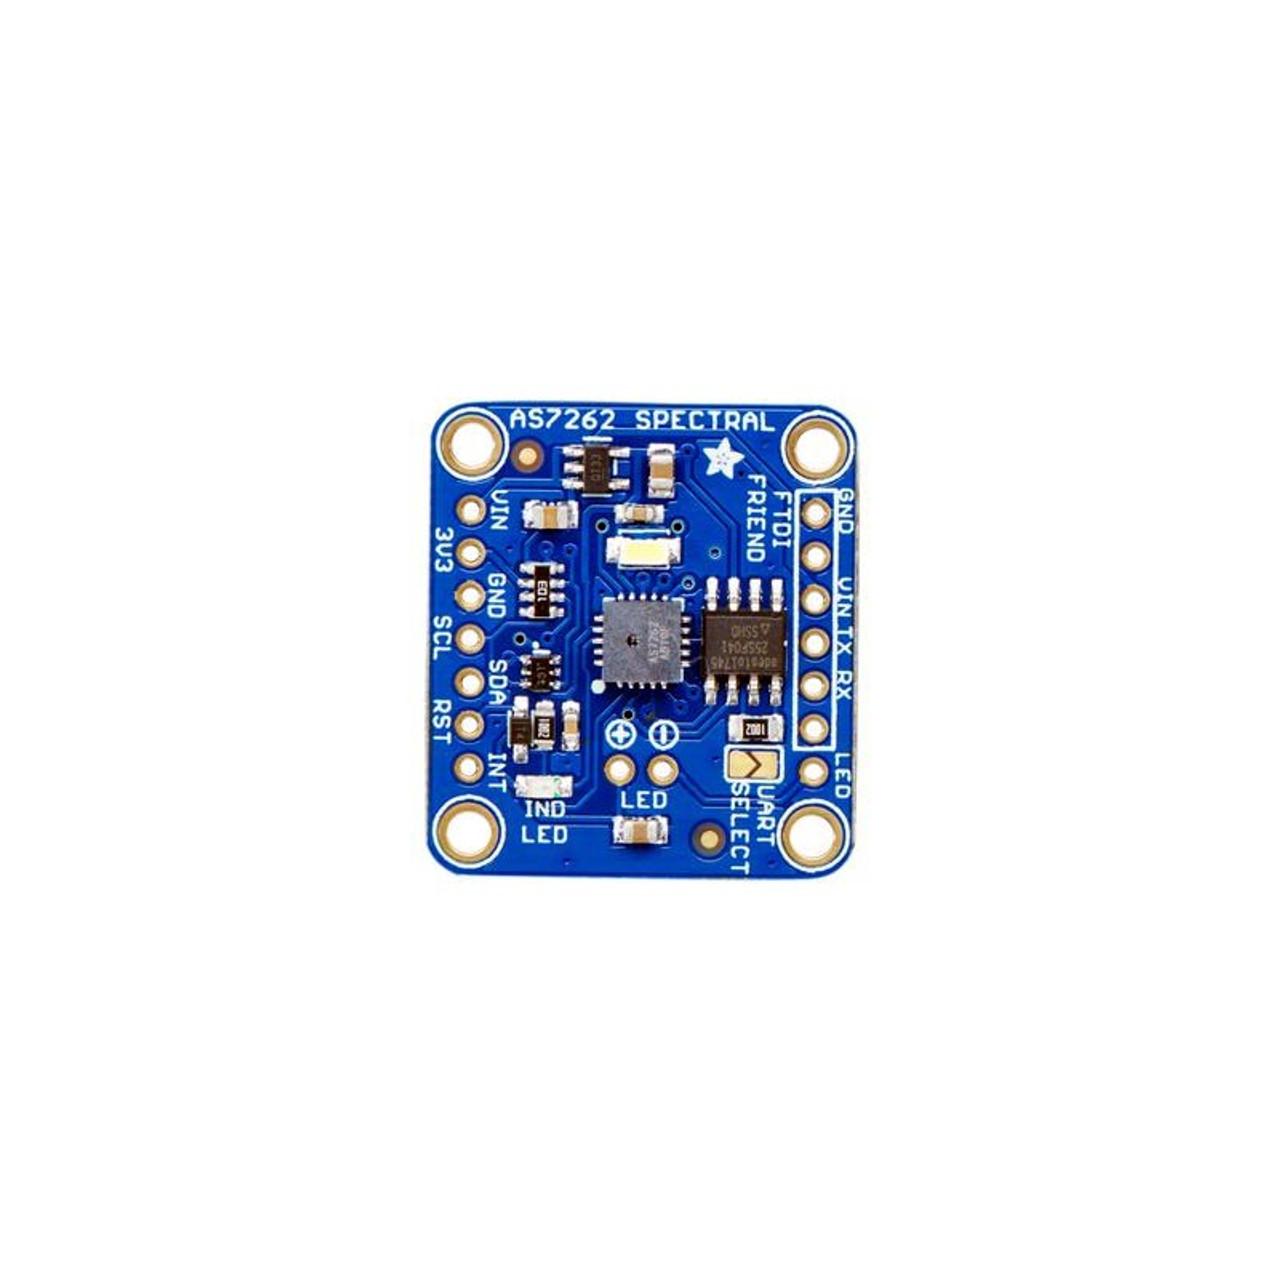 Adafruit AS7262 6-Channel Visible Light Colour Sensor Breakout